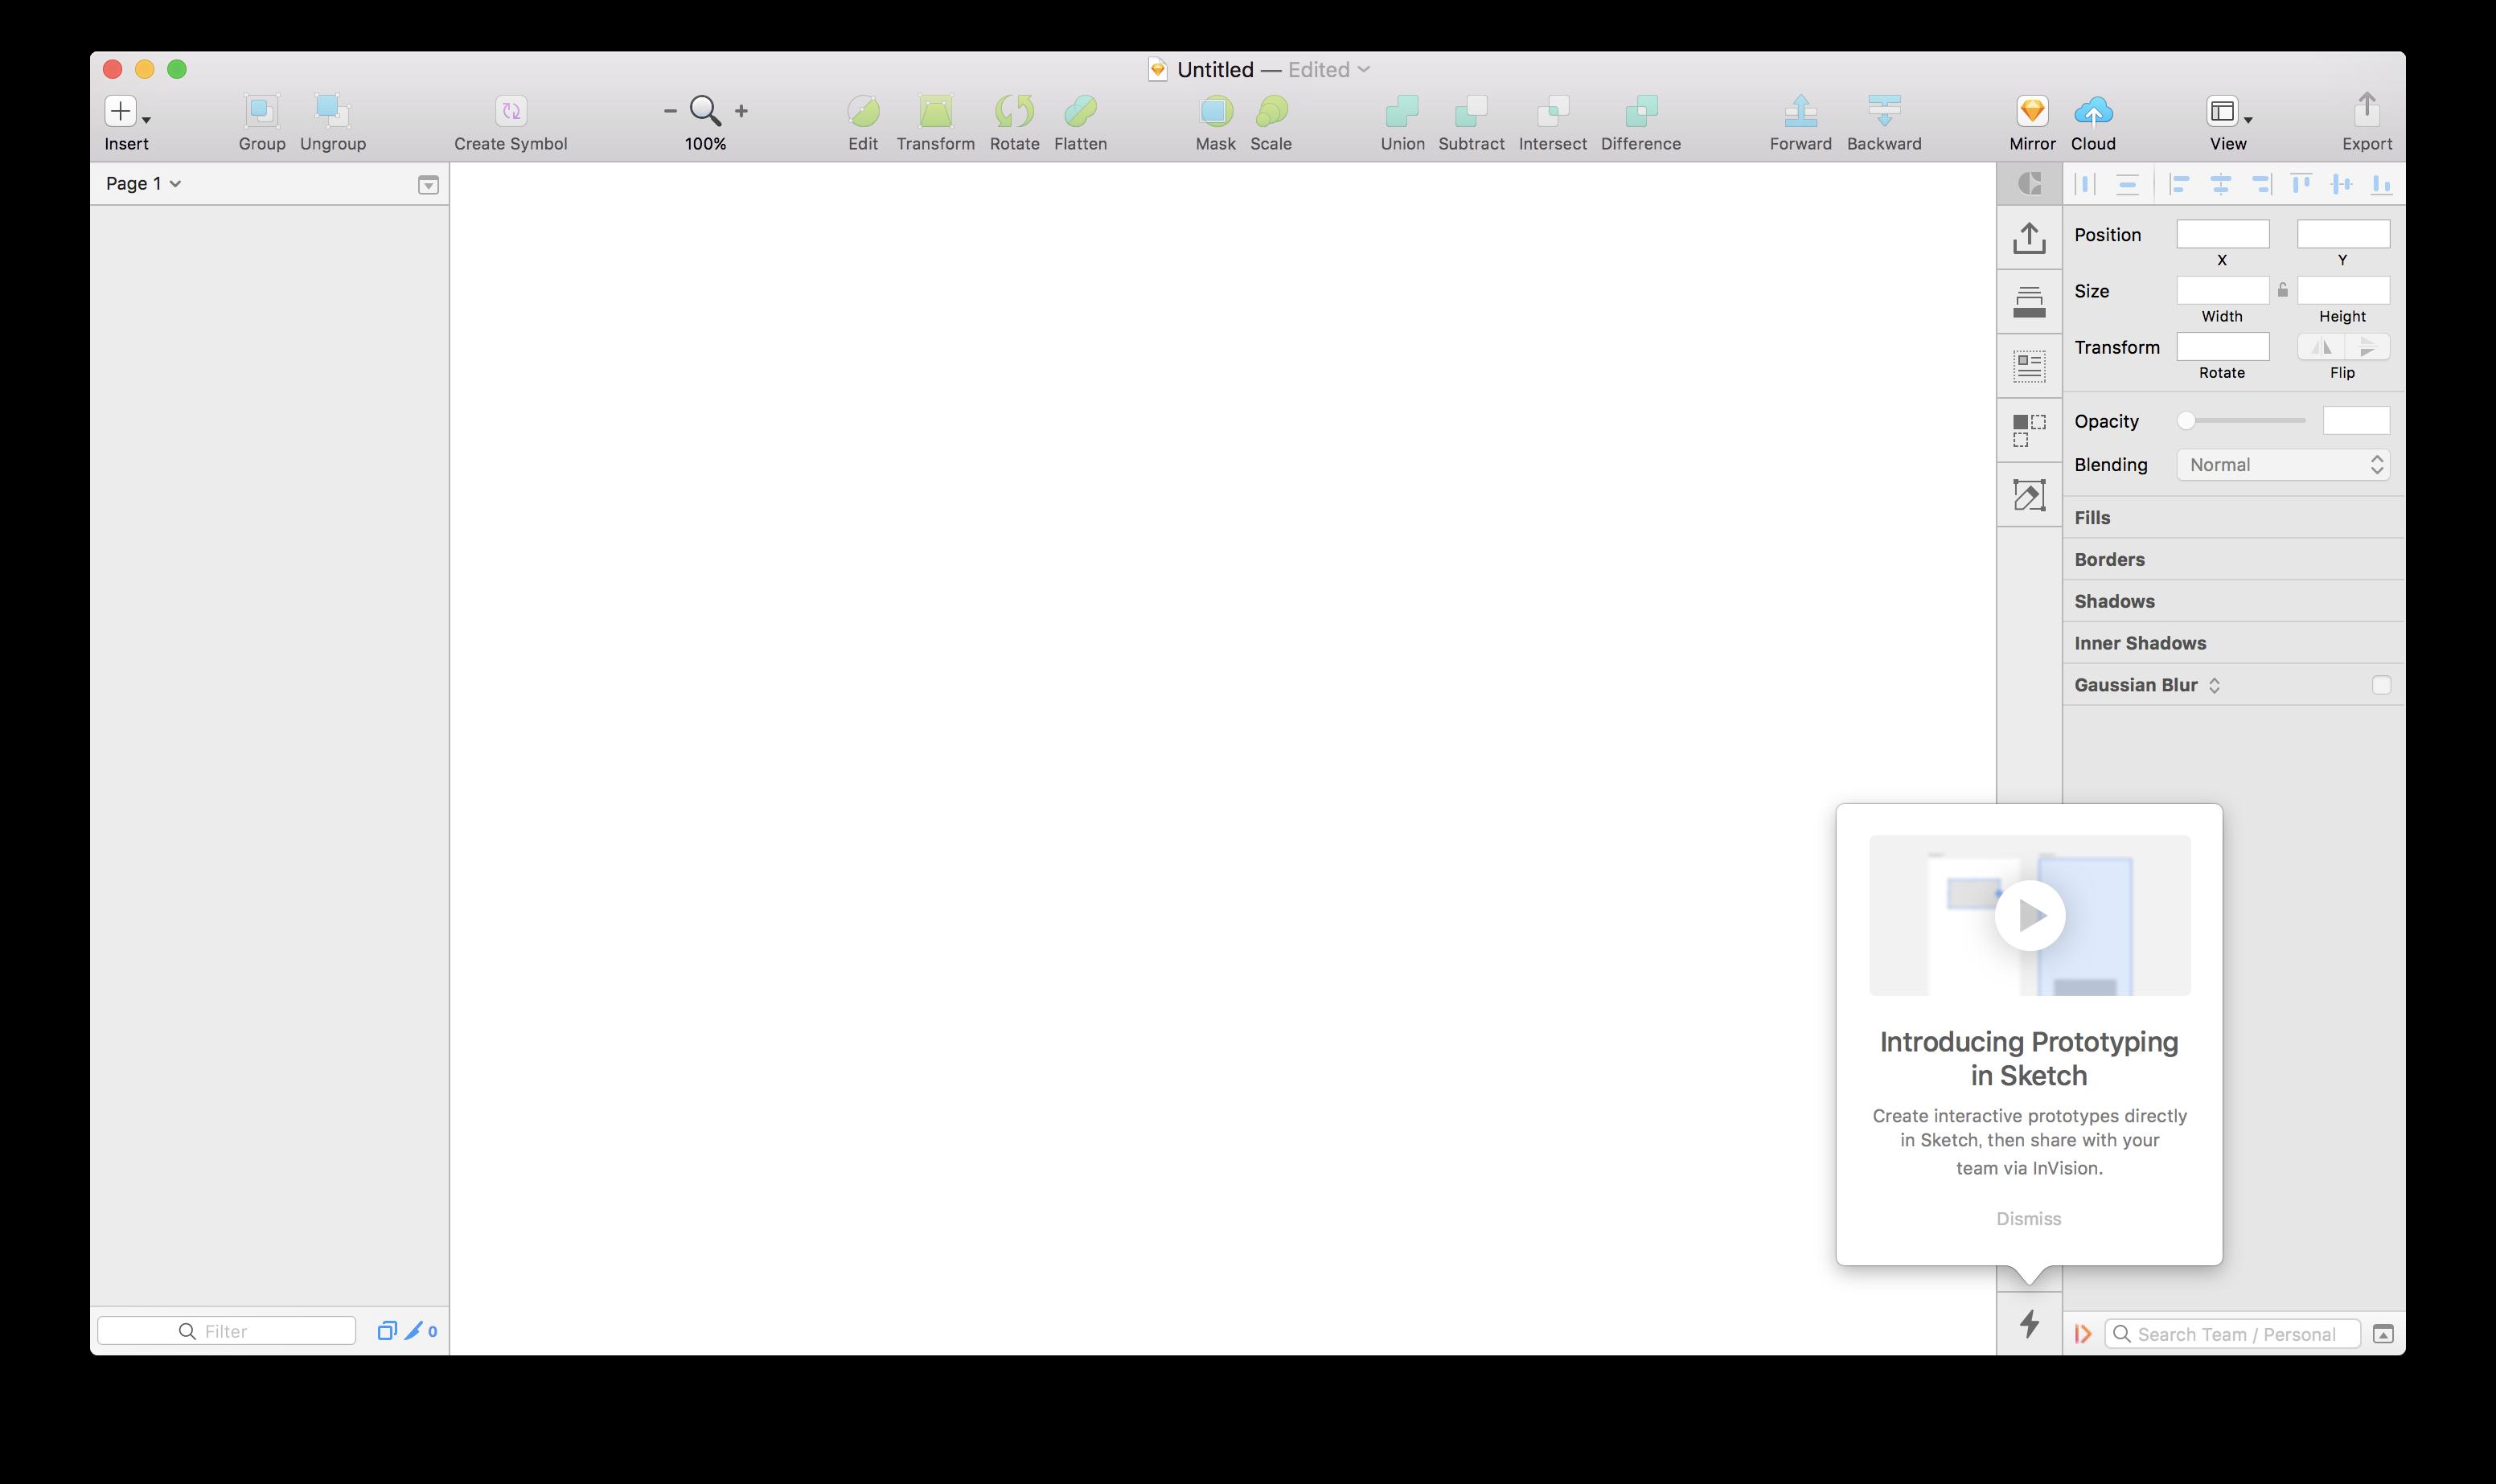 """Á¤ã""""にsketch上でprototypeの作成が可能に ž…ってました Craftバージョンアップデート Technical Creator"""